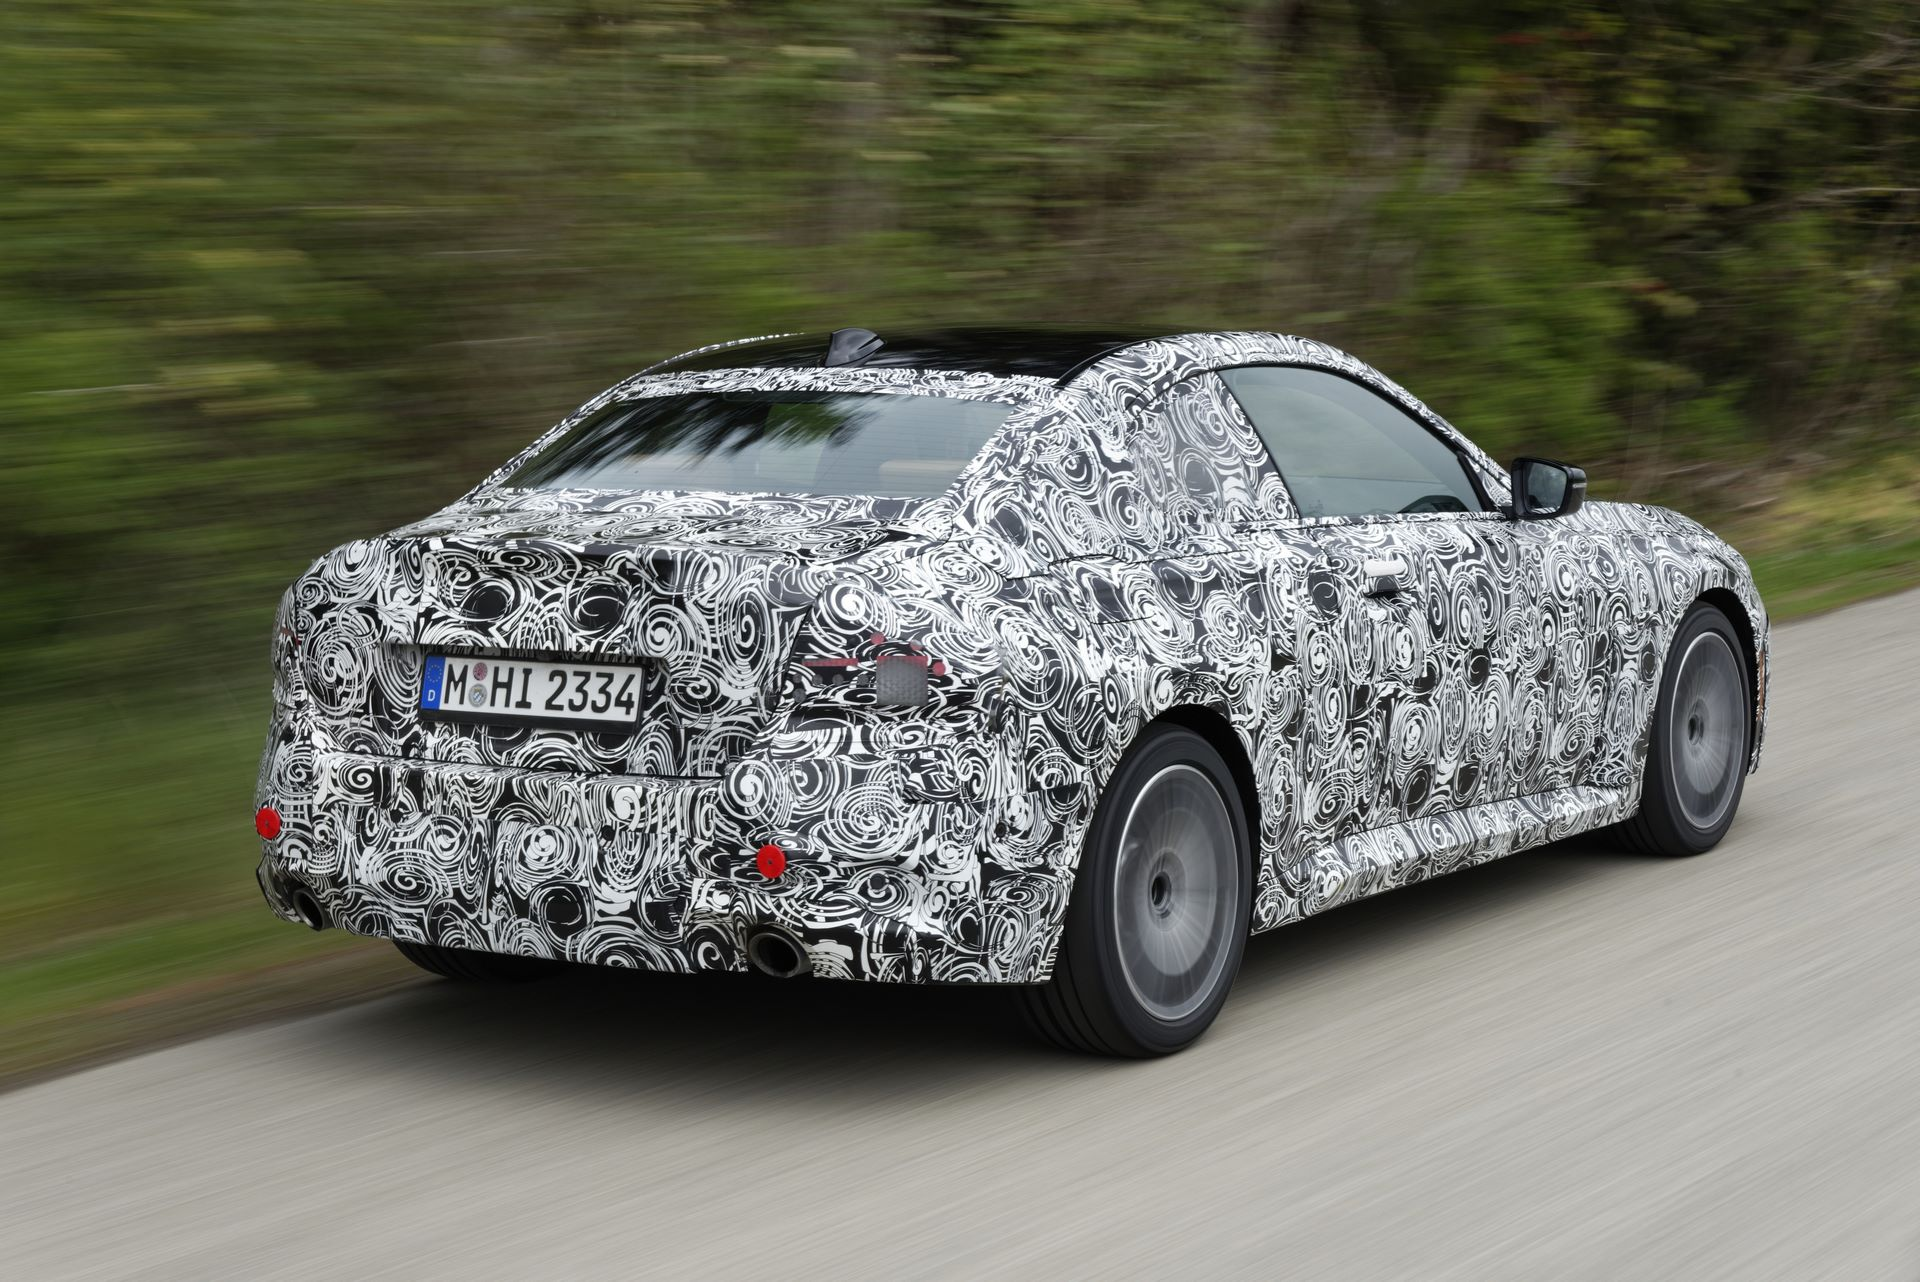 BMW-2-Series-M240i-spy-photos-32